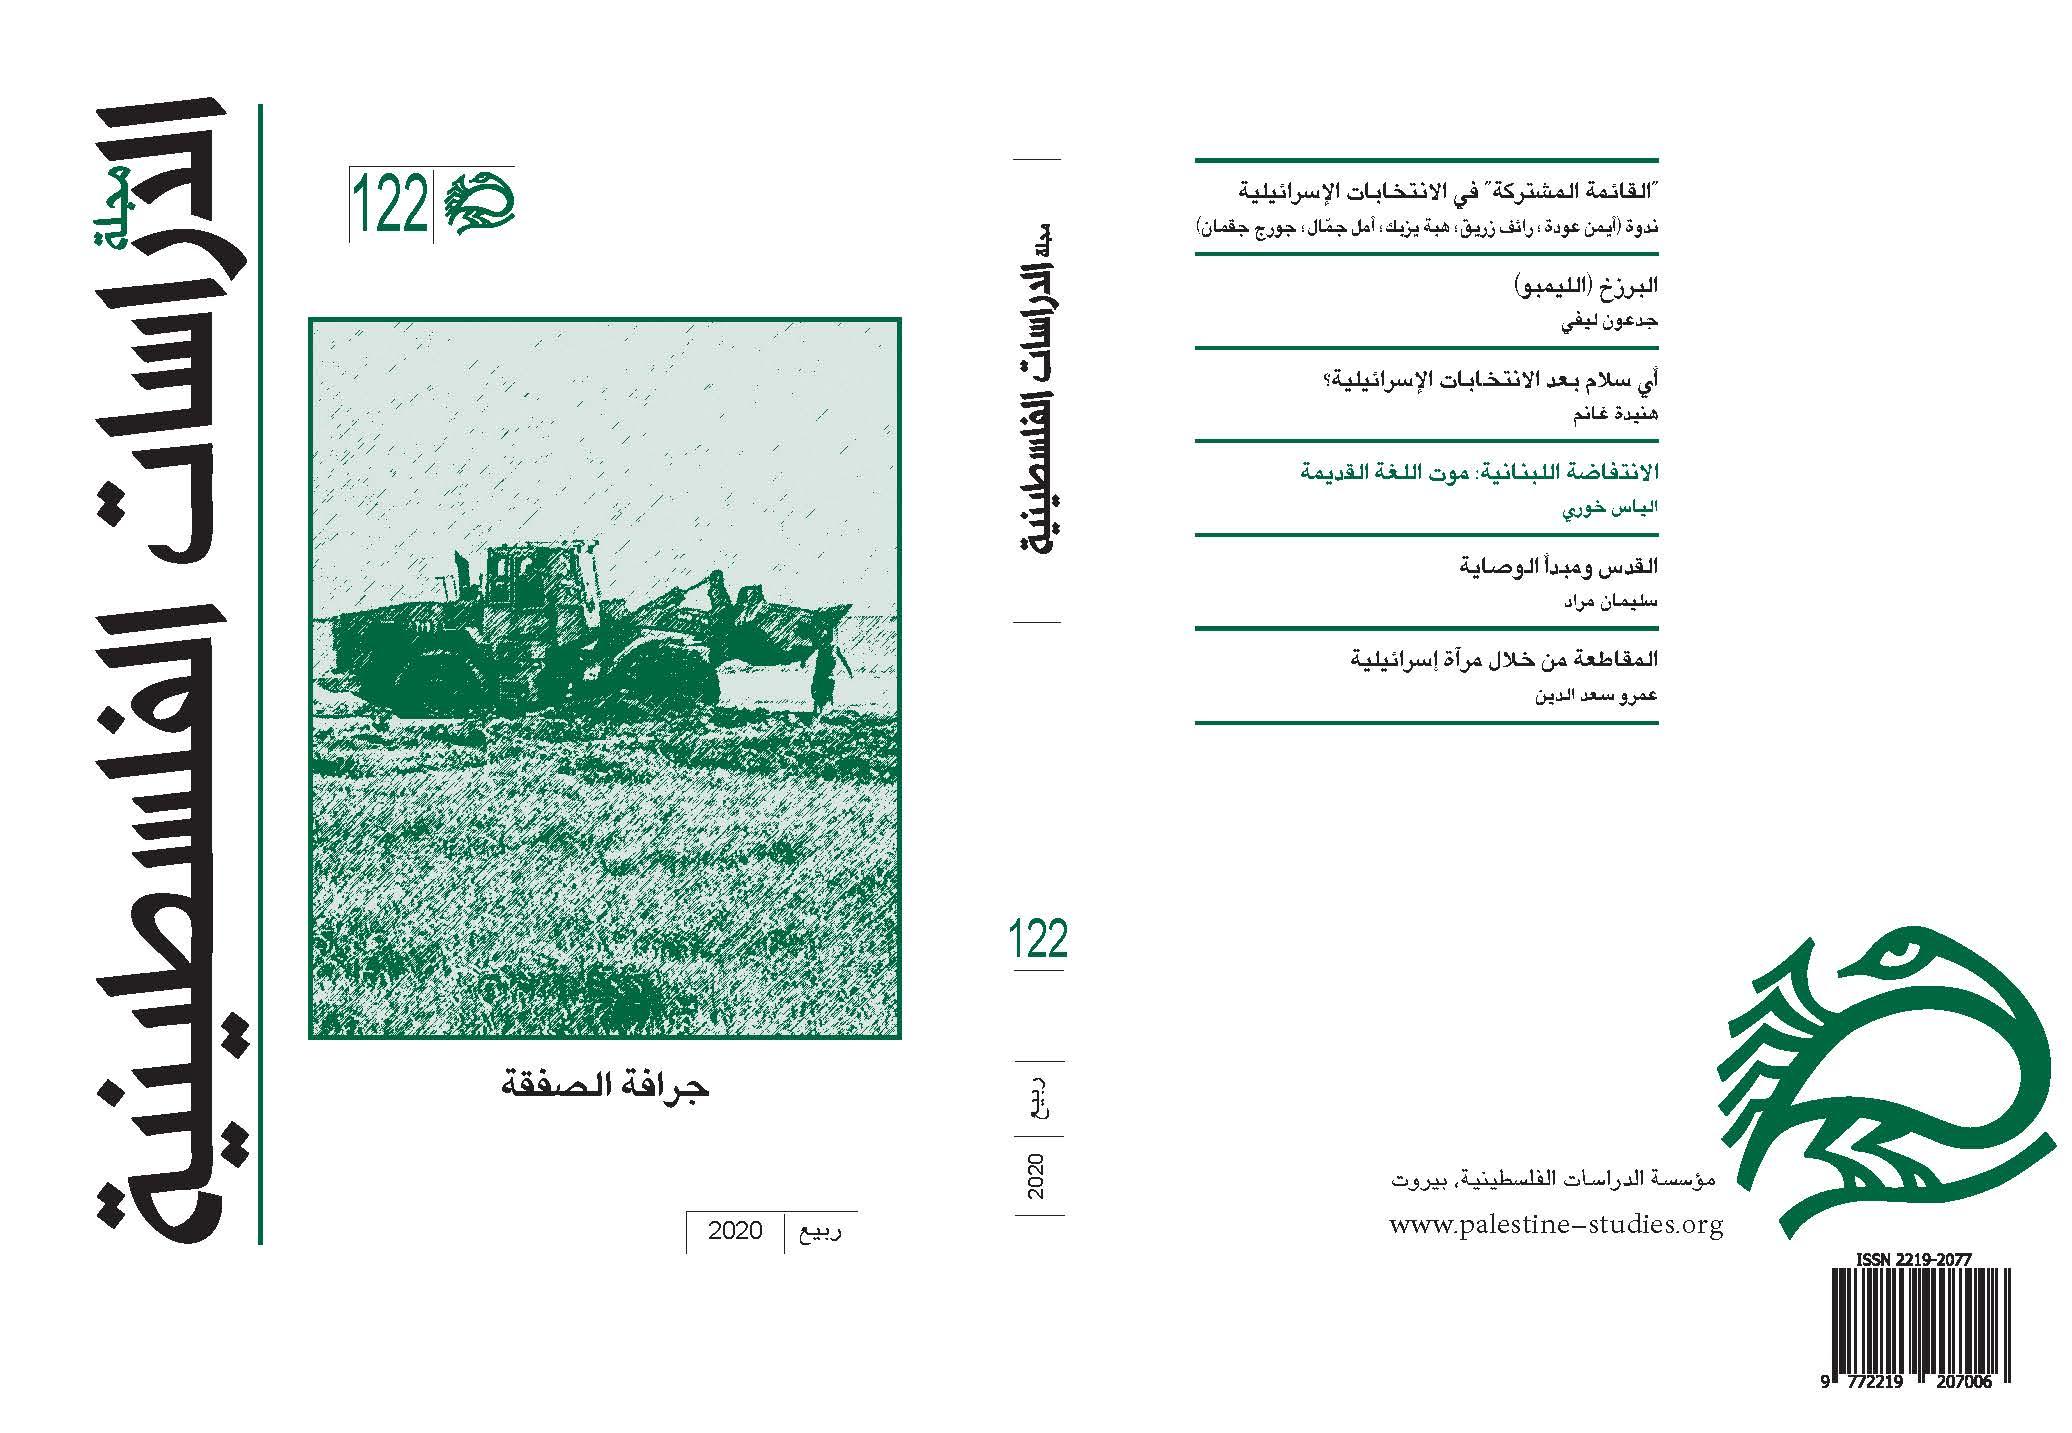 """صدورالعدد 122 من مجلة الدراسات الفلسطينية  """"جرافة الصفقة"""""""